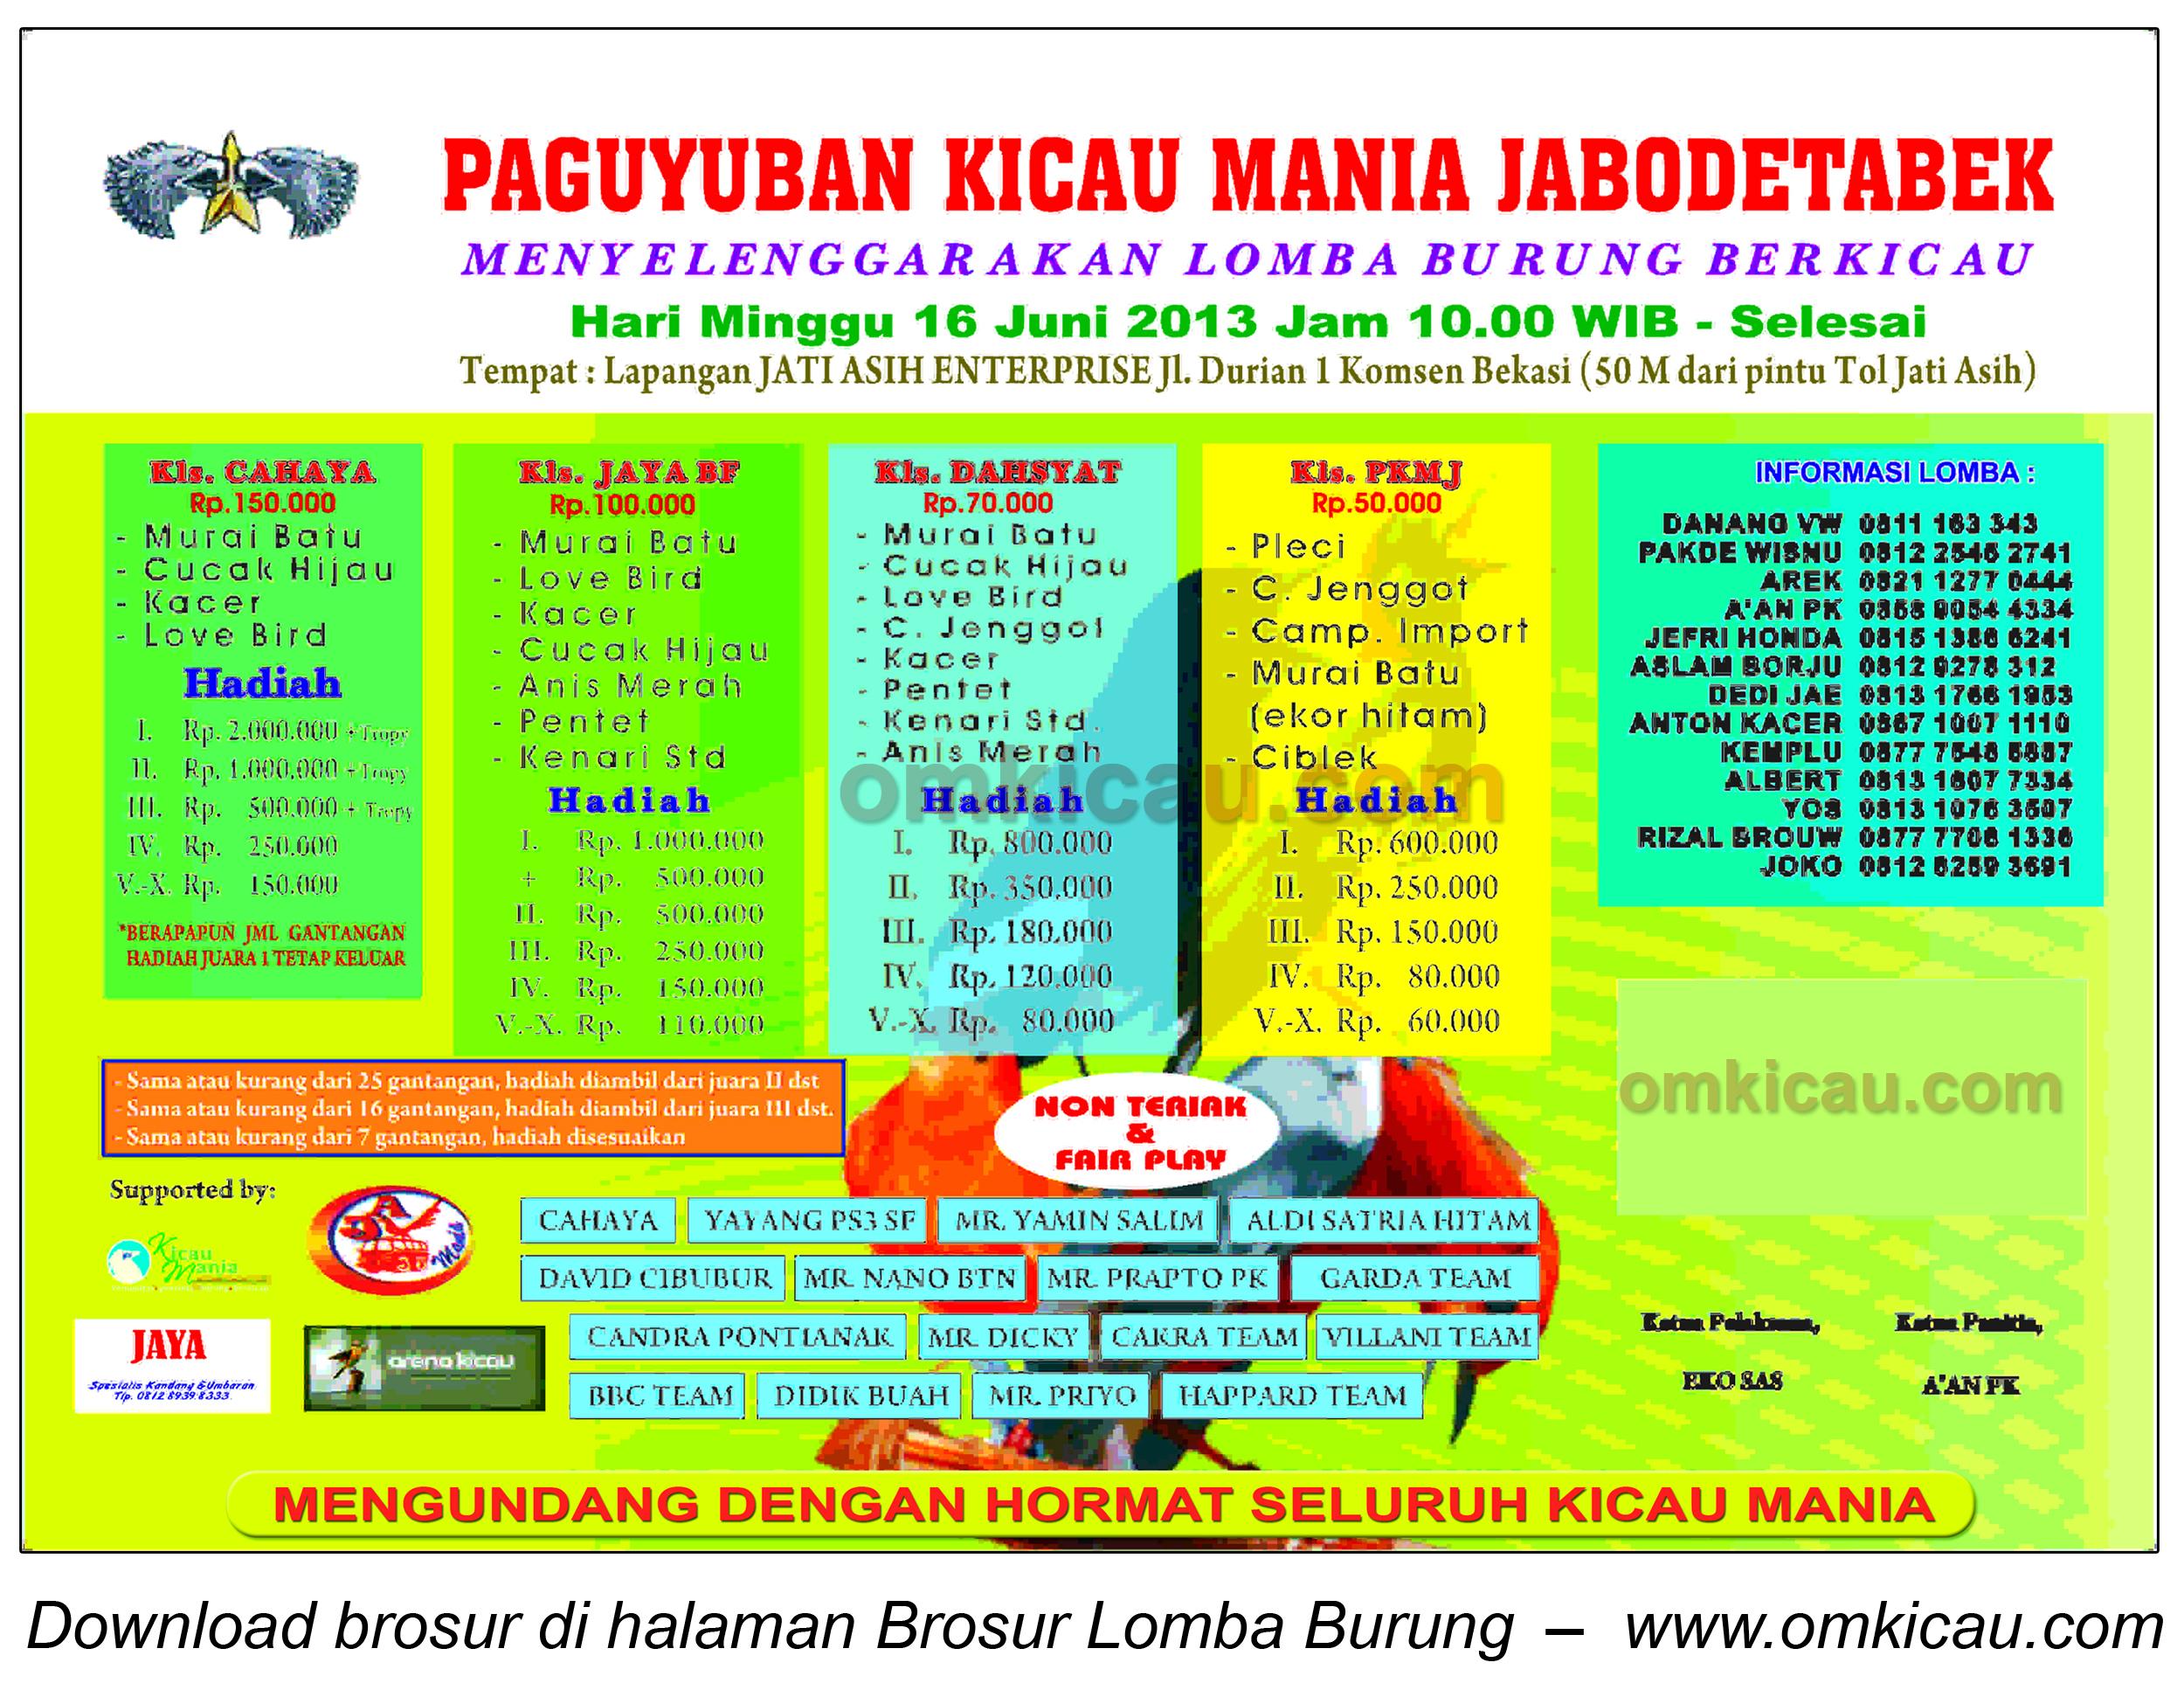 Brosur Lomba Burung Berkicau PKMJ, Bekasi, 16 Juni 2013